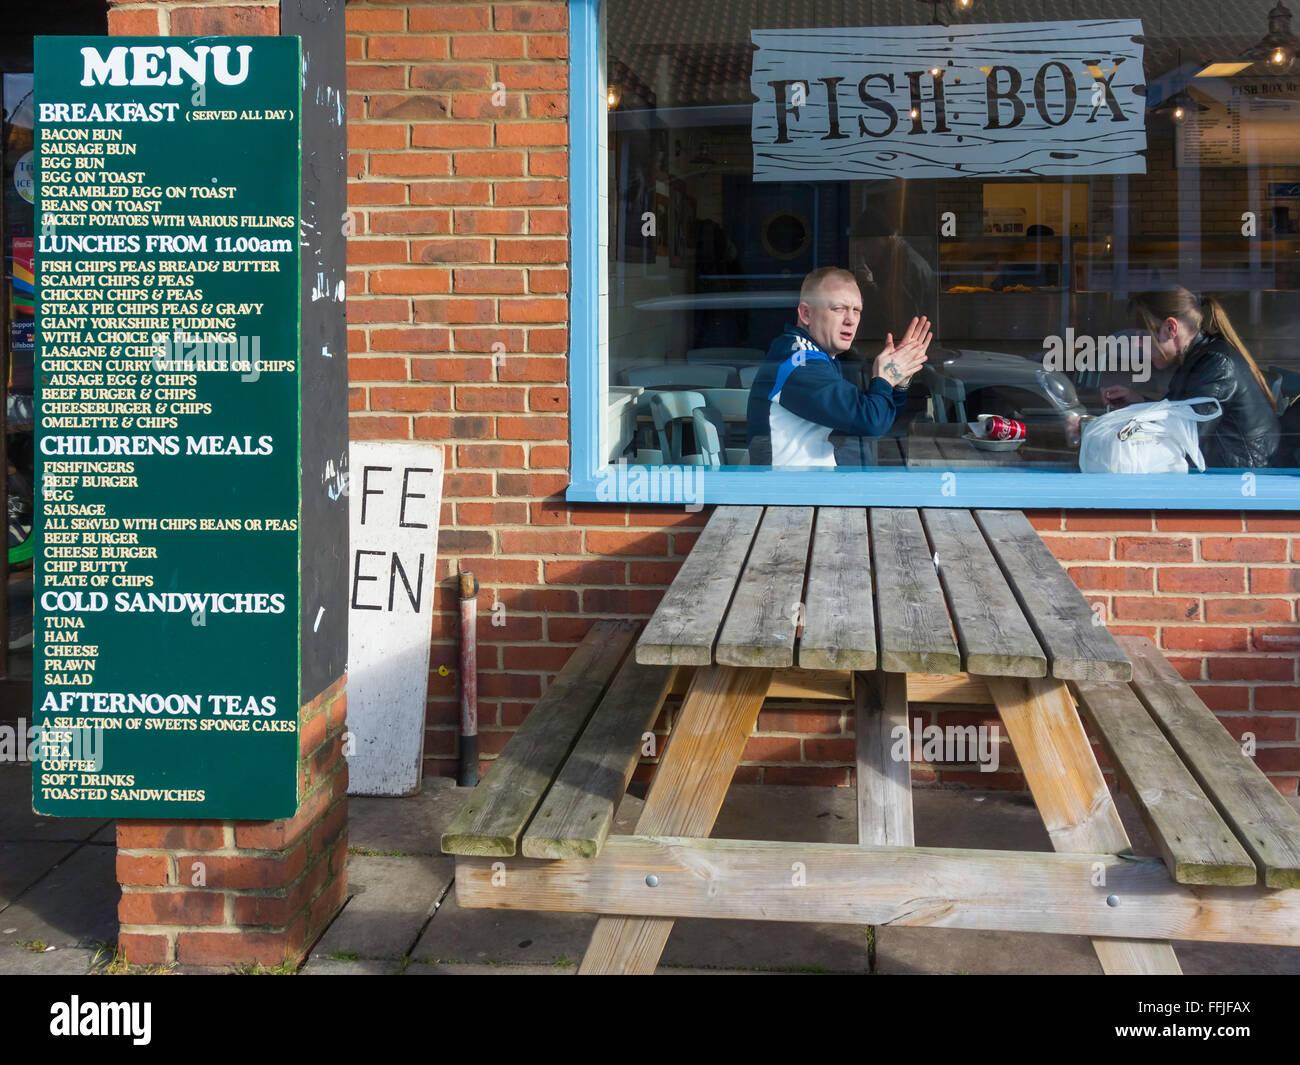 Boîte de poisson menu café restaurant Whitby North Yorkshire Angleterre  Photo Stock 5aff4fd45e60